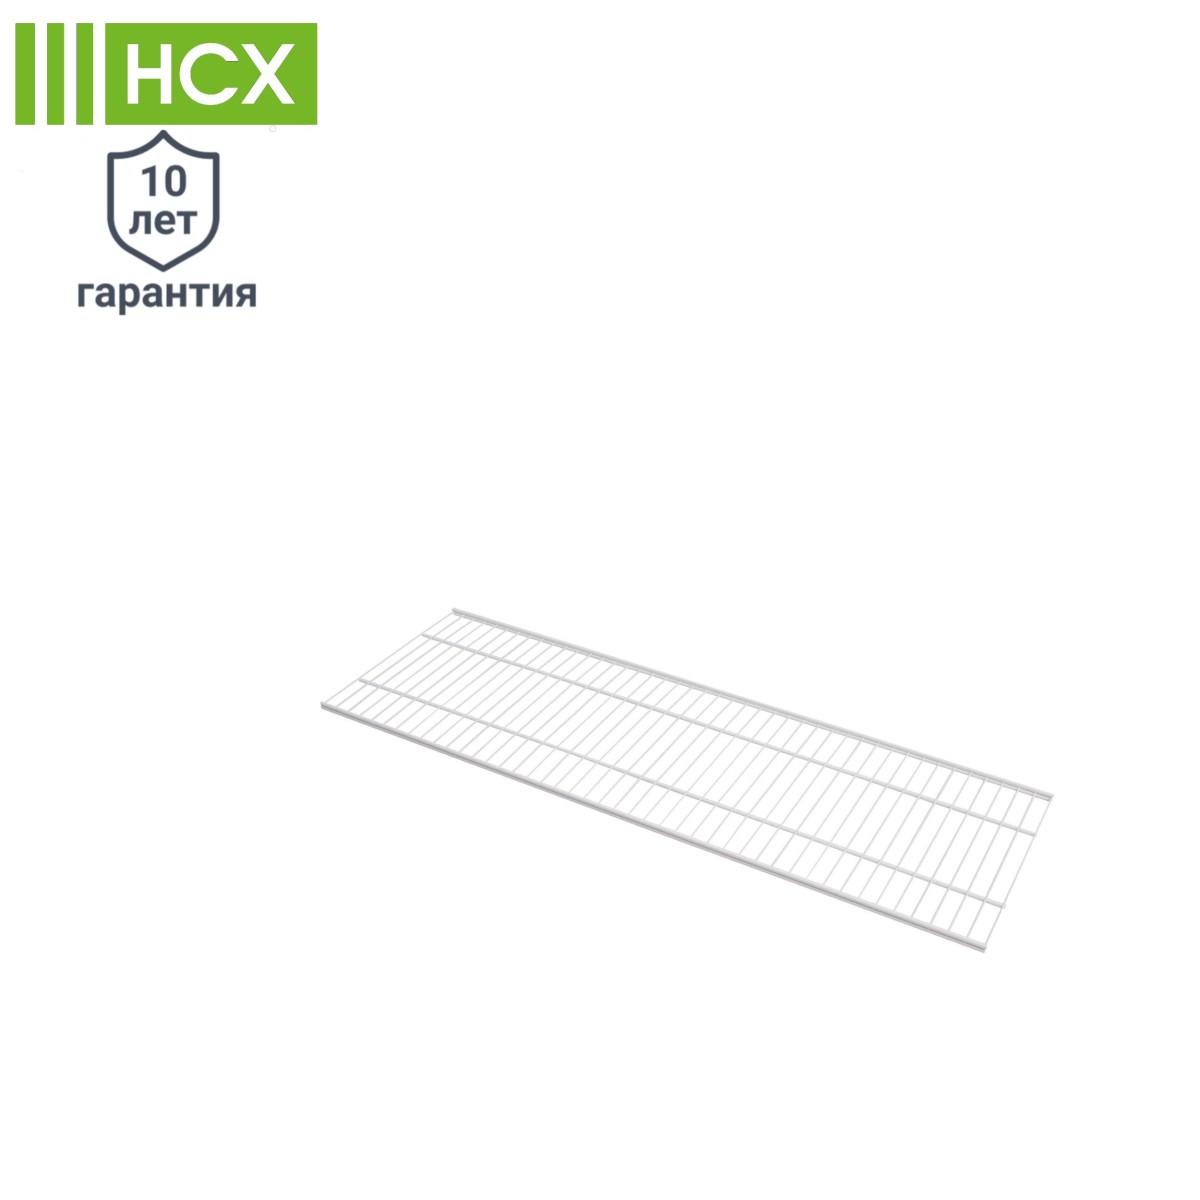 Полка проволочная L=1100 НСХ 14x1103x350 мм цвет белый